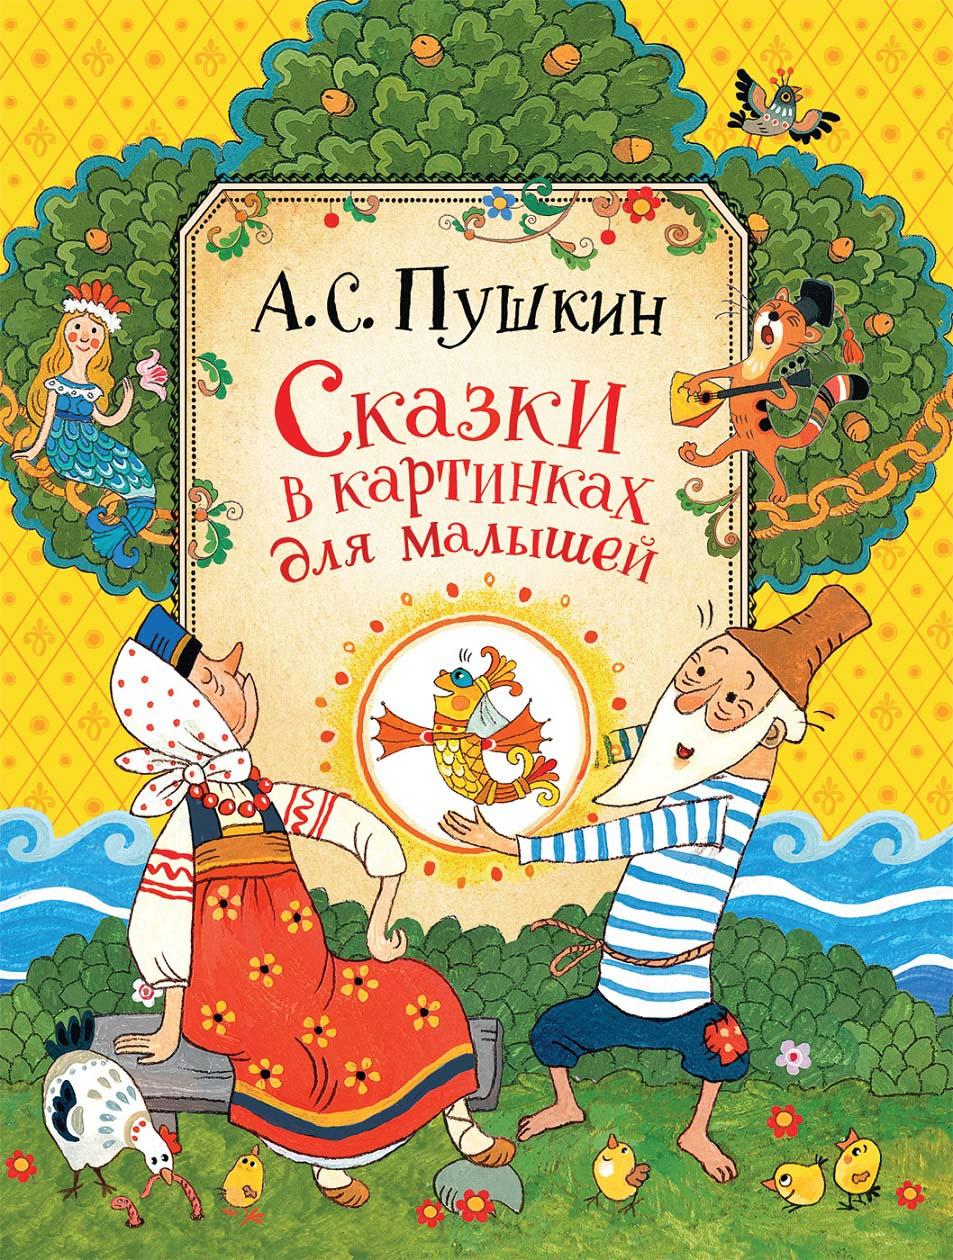 Купить Книга – Сказки в картинках для малышей, Пушкин А.С., Росмэн